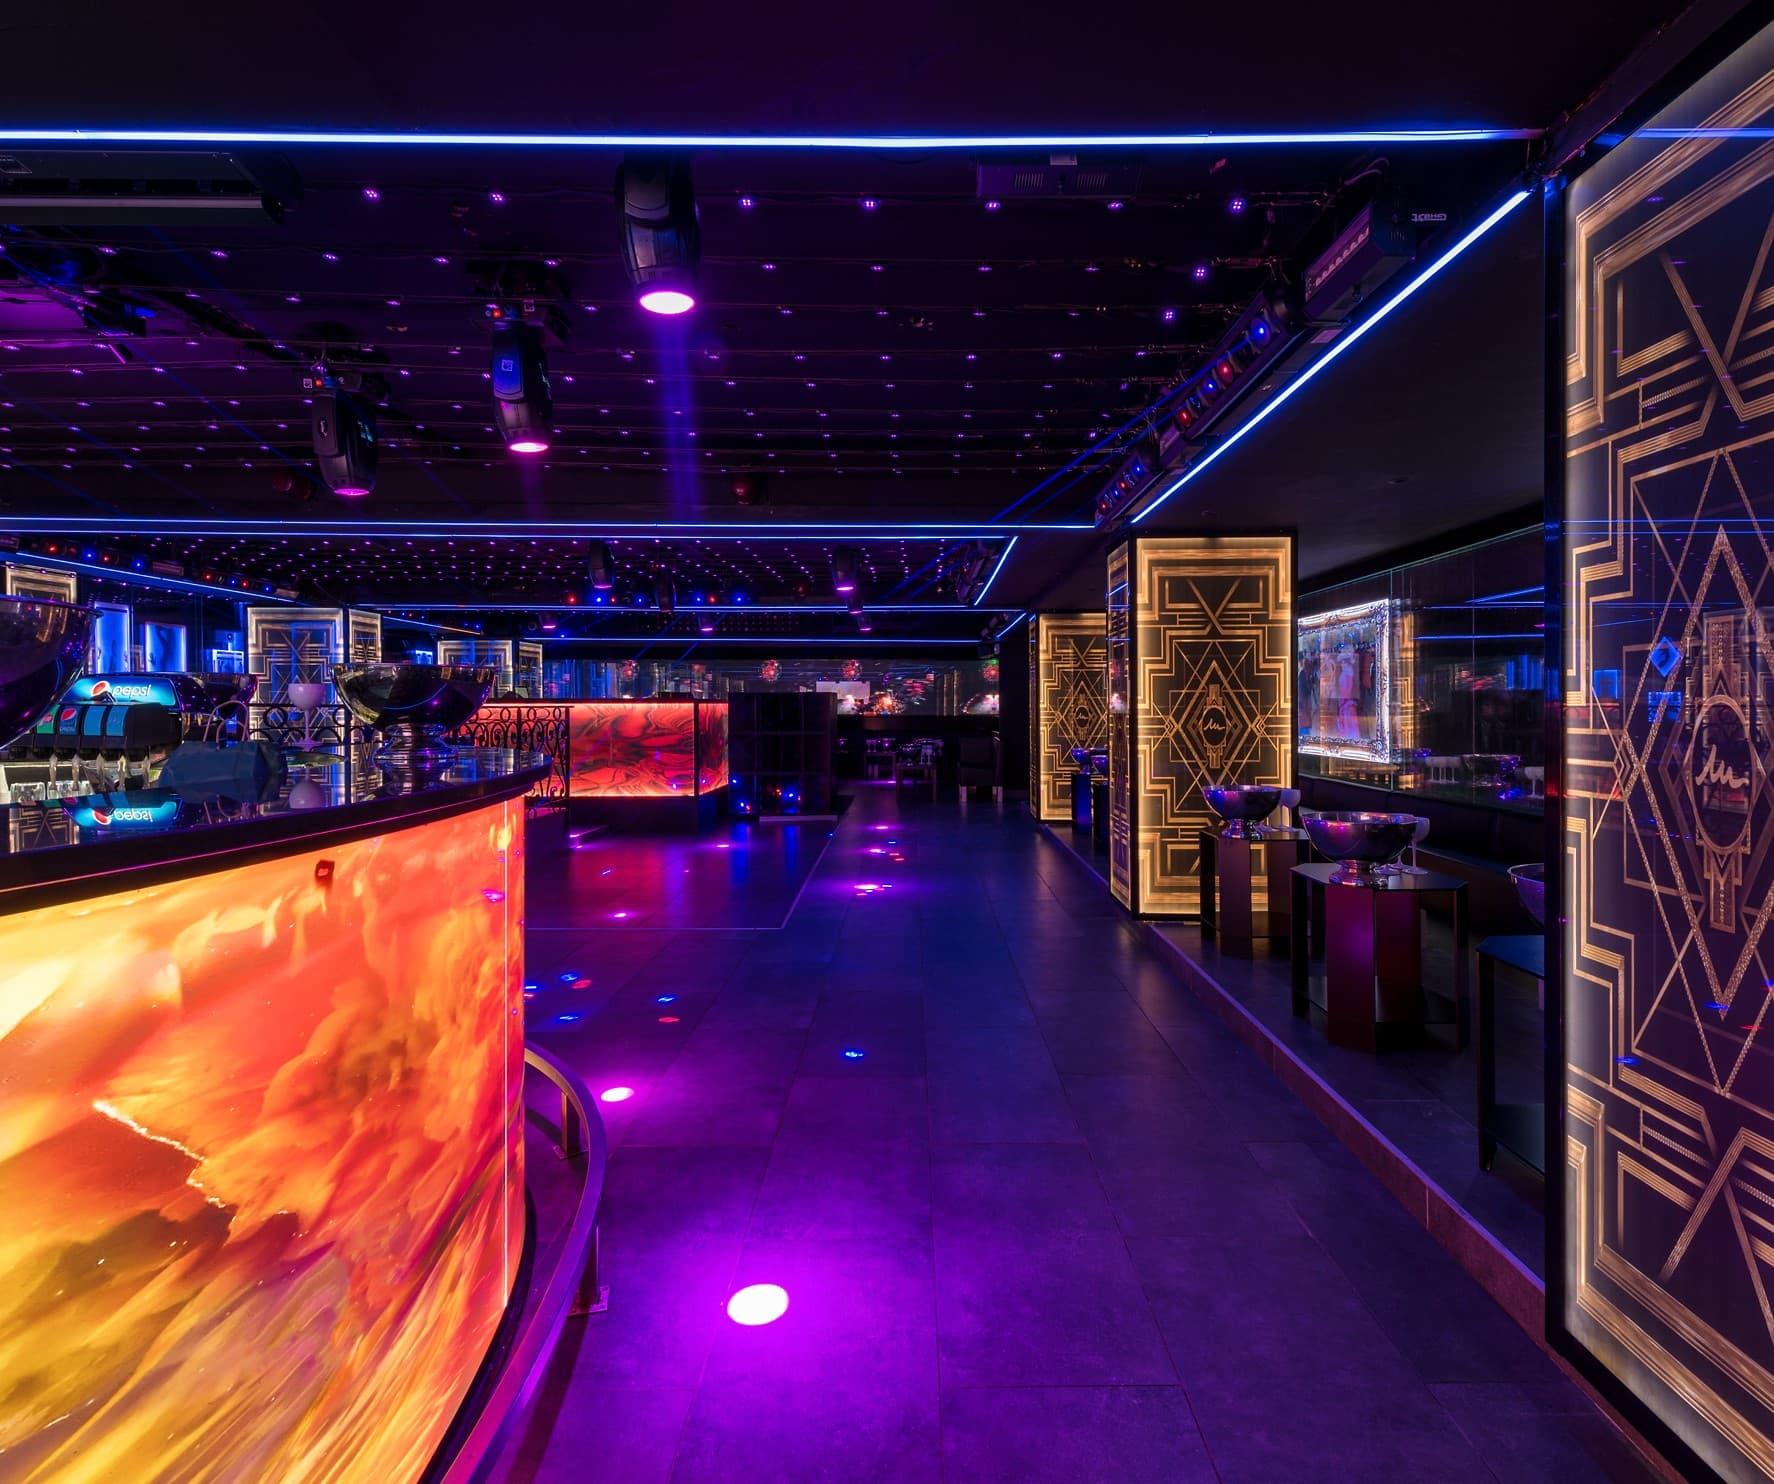 Eclairage violet du bar et de la piste de danse de la boite de nuit le mistral